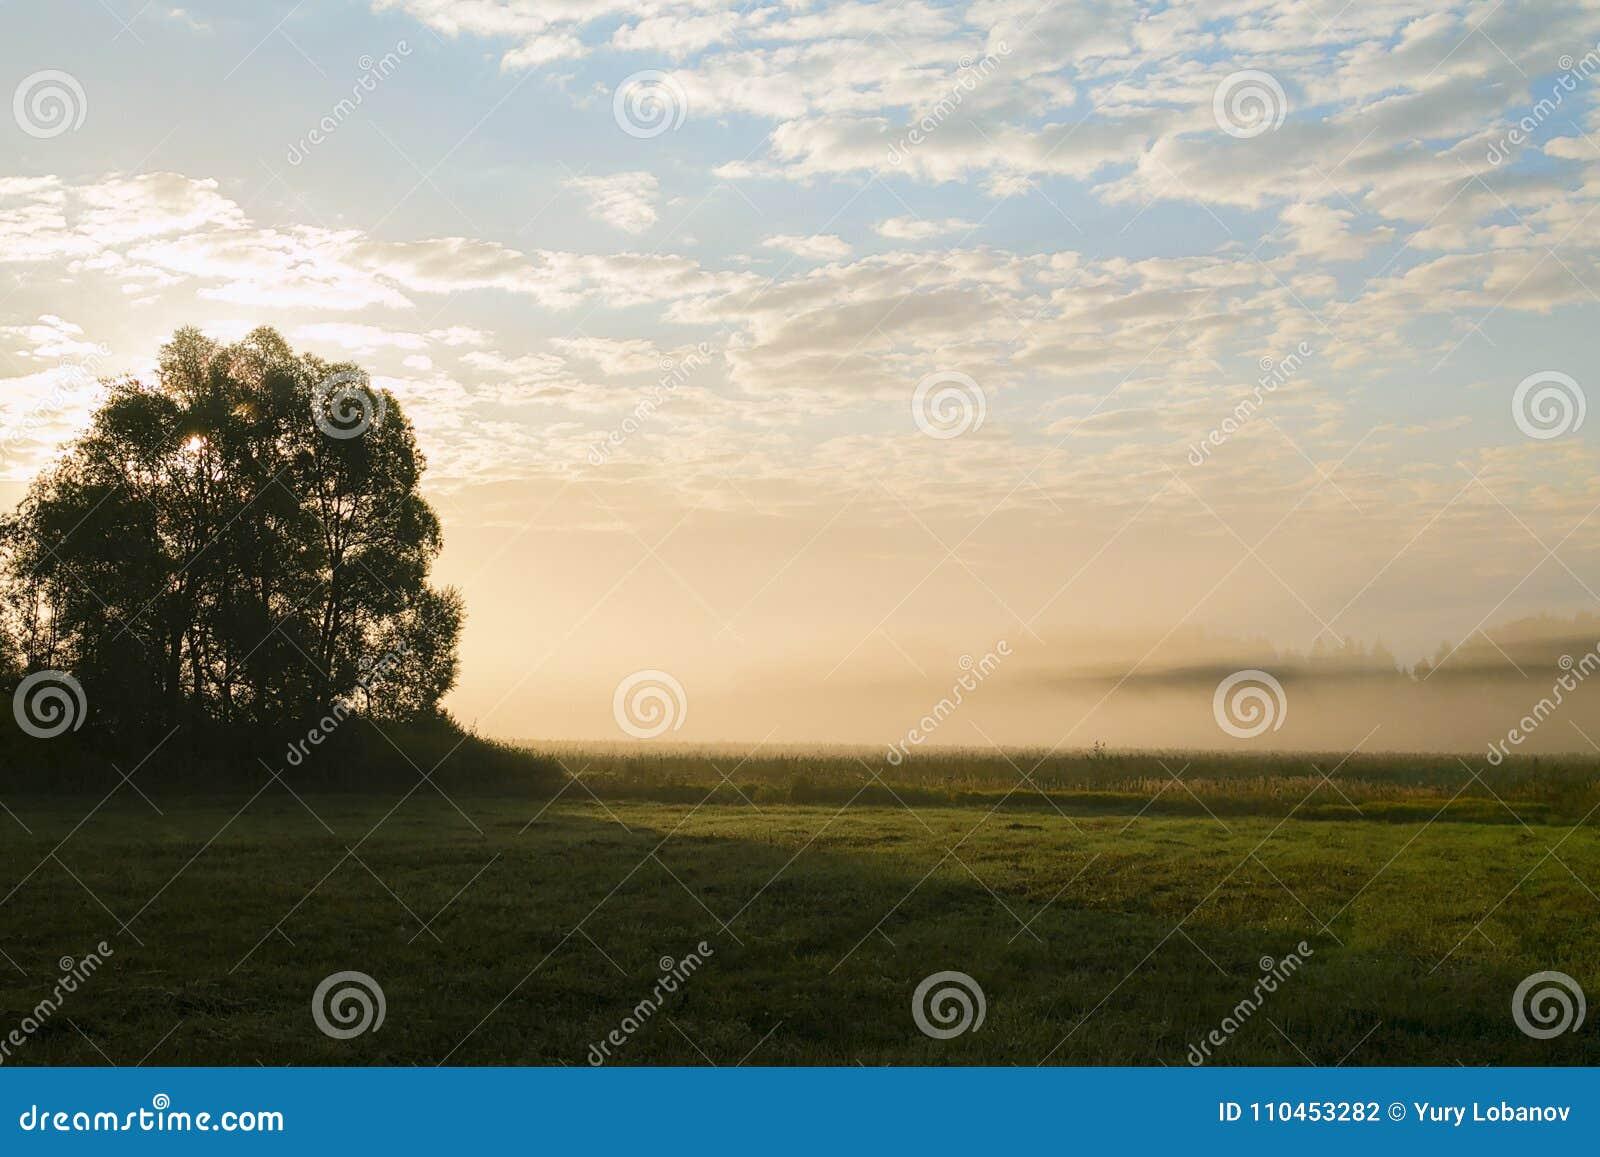 Fält kanten av skogen i ottan Dimma höst